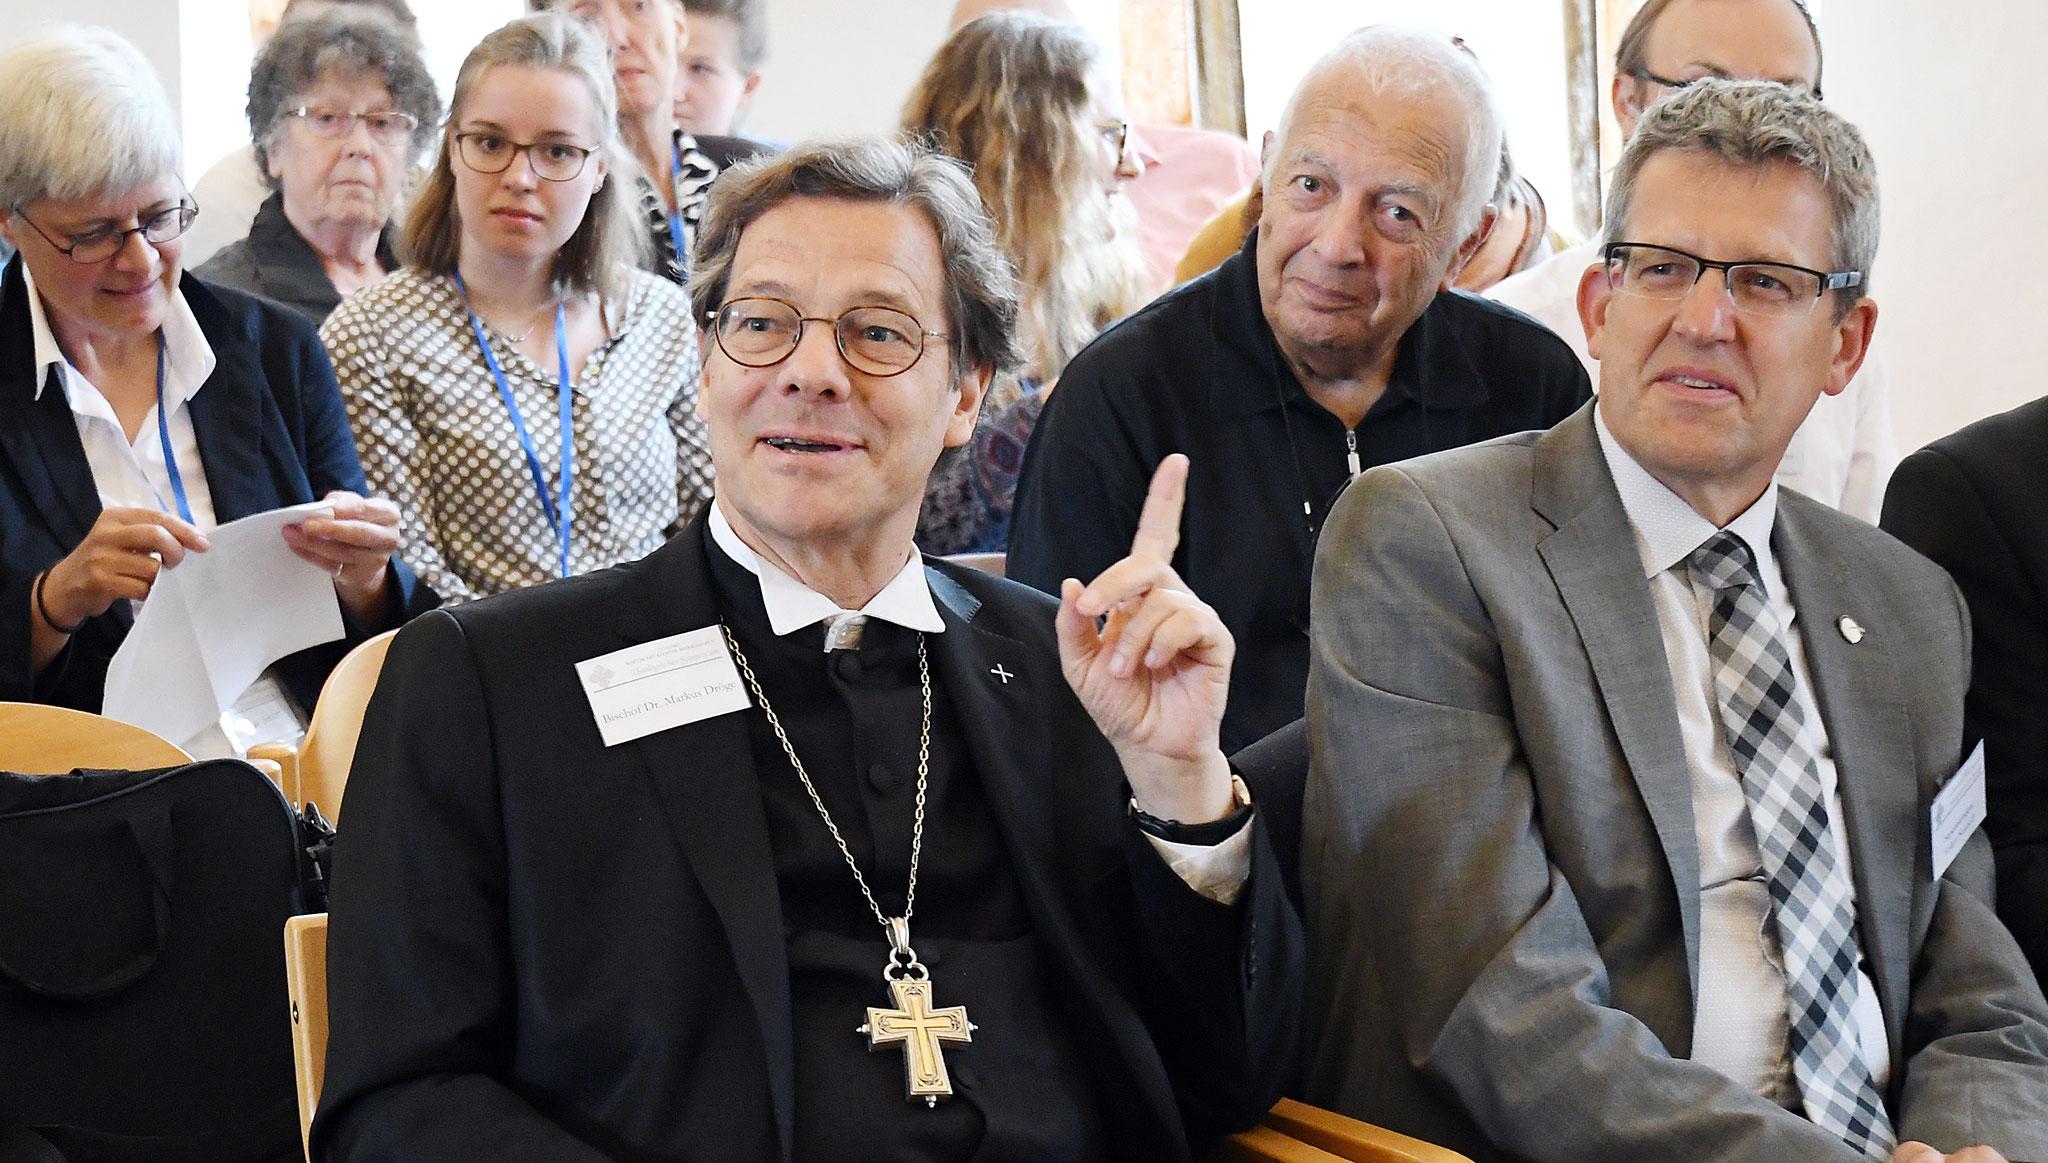 Bischof Dr. Dr. h.c. Markus Dröge und Superintendent Volker Neuhoff. Foto: Maria Hopp